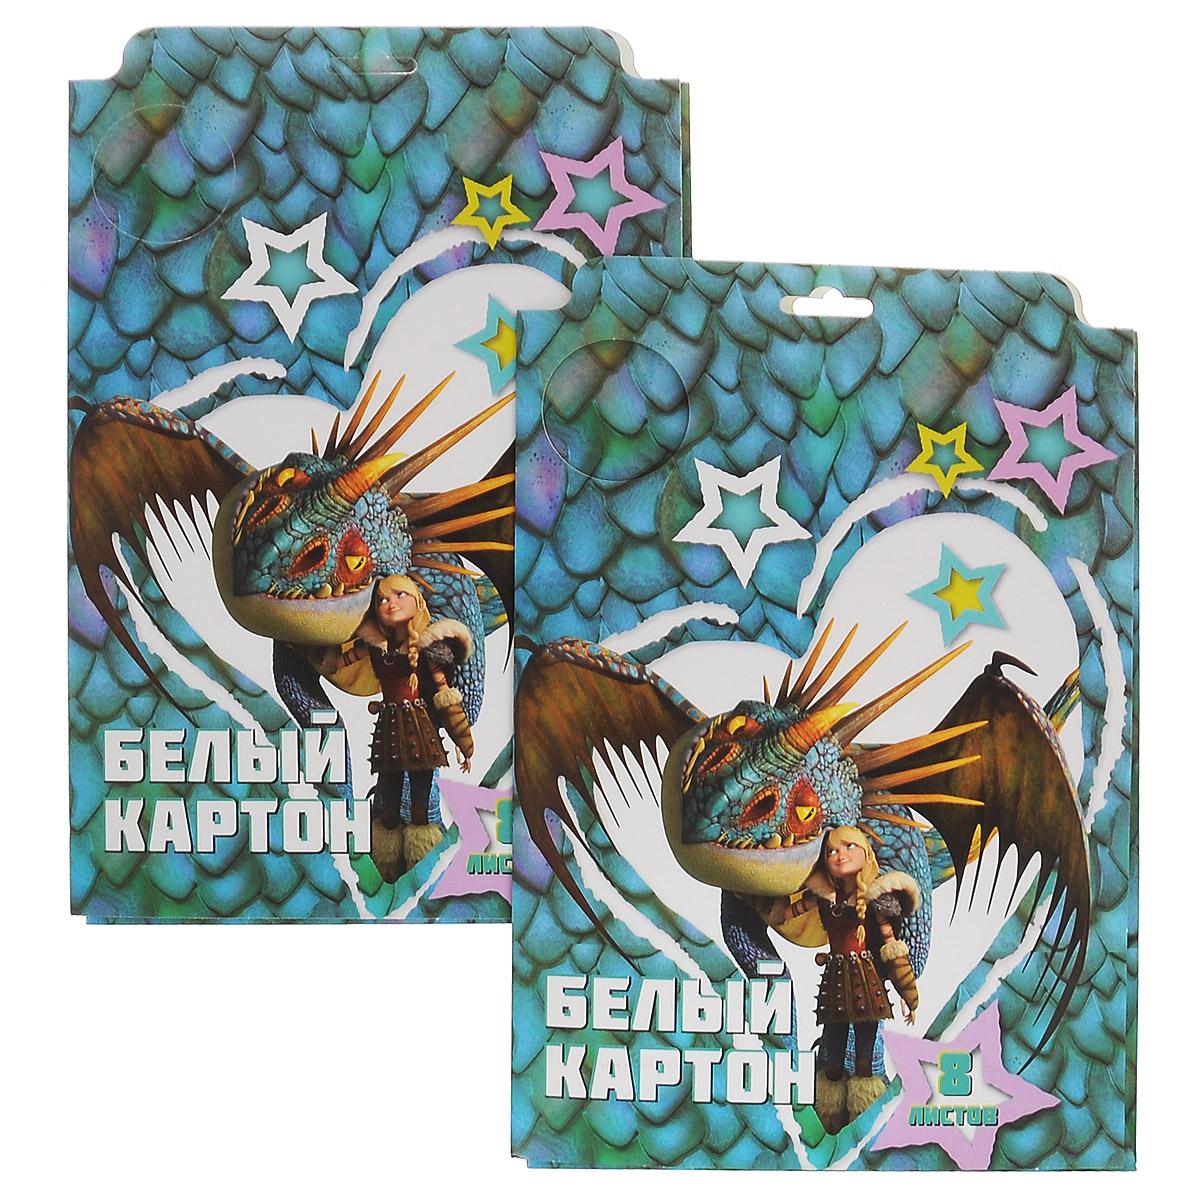 Action! Картон белый Dragons, мелованный, 8 листов, 2 шт40А4блВ_14397Картон мелованный белый Action! Dragons позволит вашему ребенку создавать всевозможные аппликации и поделки. Набор состоит из 8 листов картона белого цвета формата А4. Листы упакованы в оригинальную картонную папку, оформленную изображением героев Dragons. Создание поделок из картона поможет ребенку в развитии творческих способностей, кроме того, это увлекательный досуг.В комплекте 2 набора по 8 листов.Рекомендуемый возраст от 6 лет.